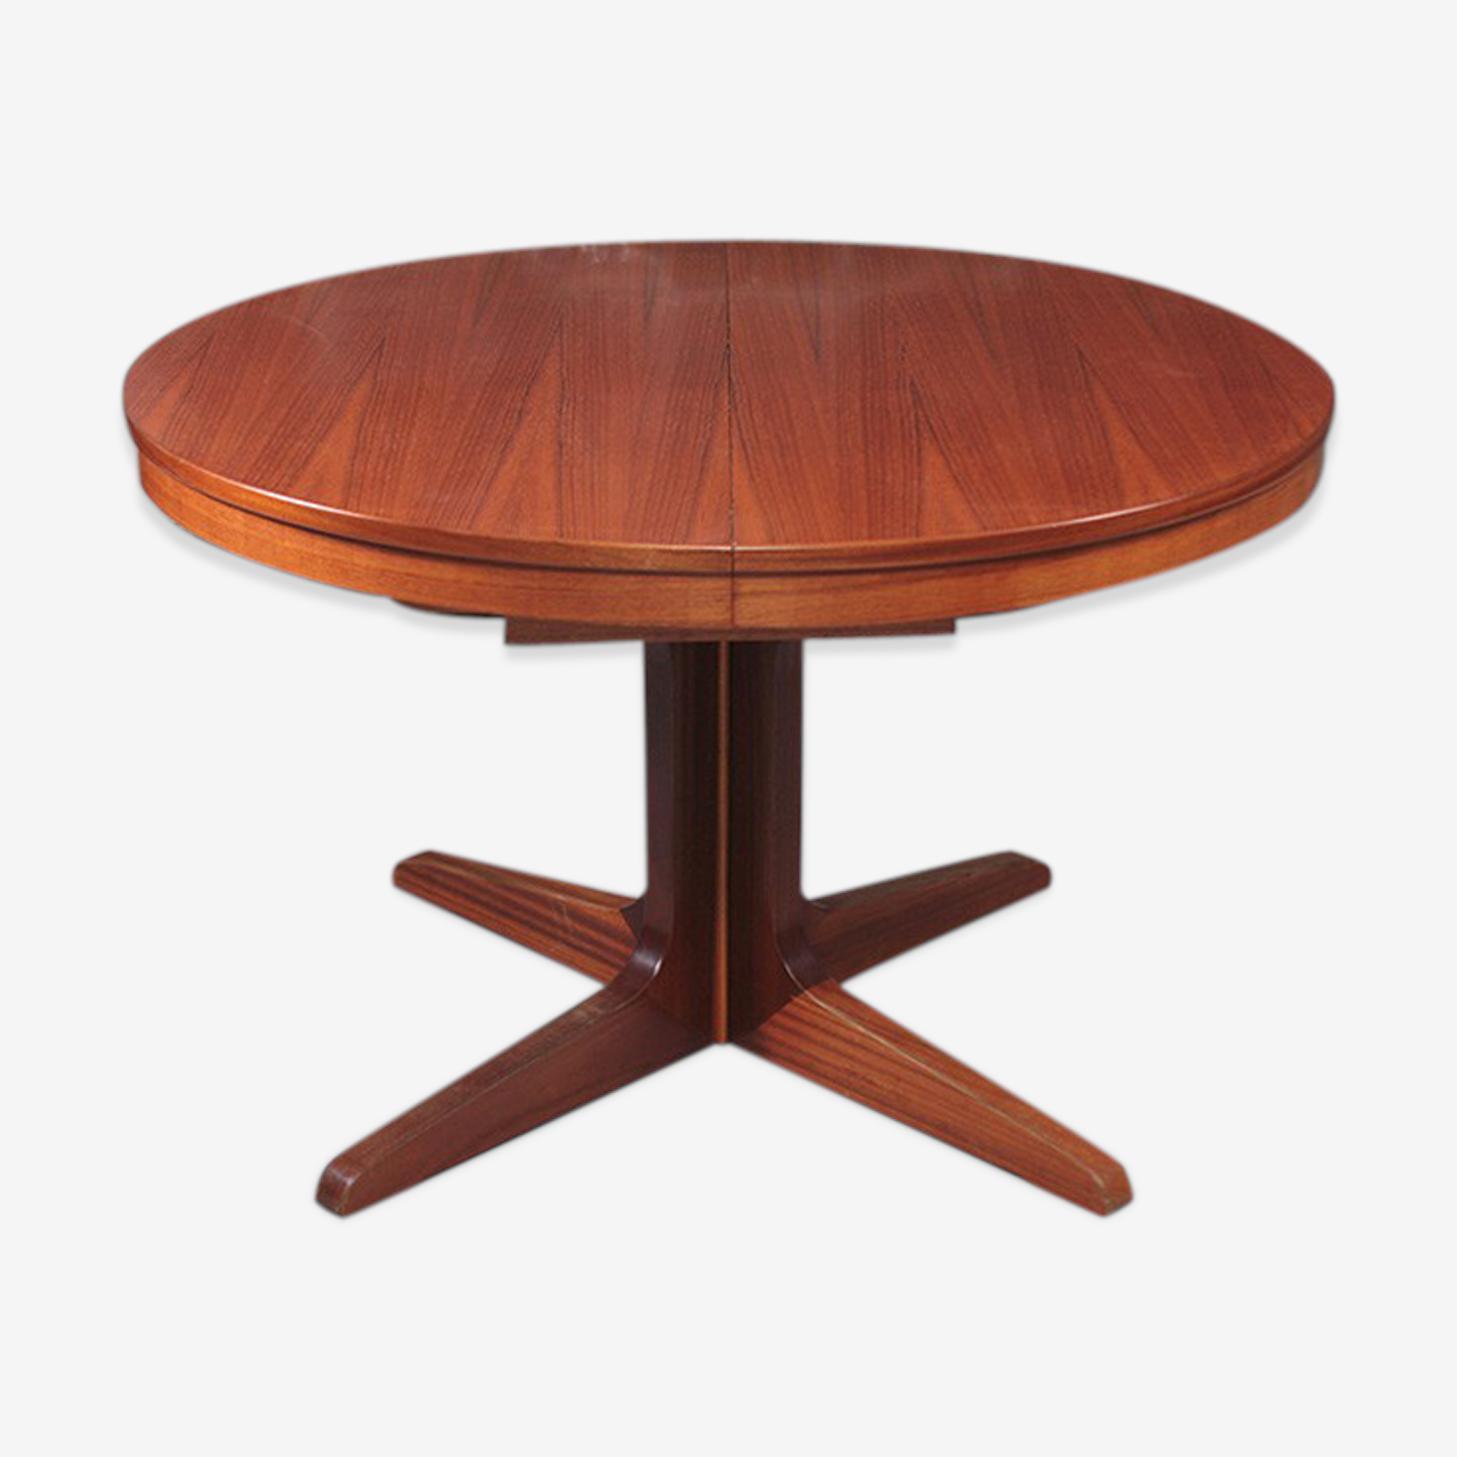 Table ronde en bois et teck - vintage